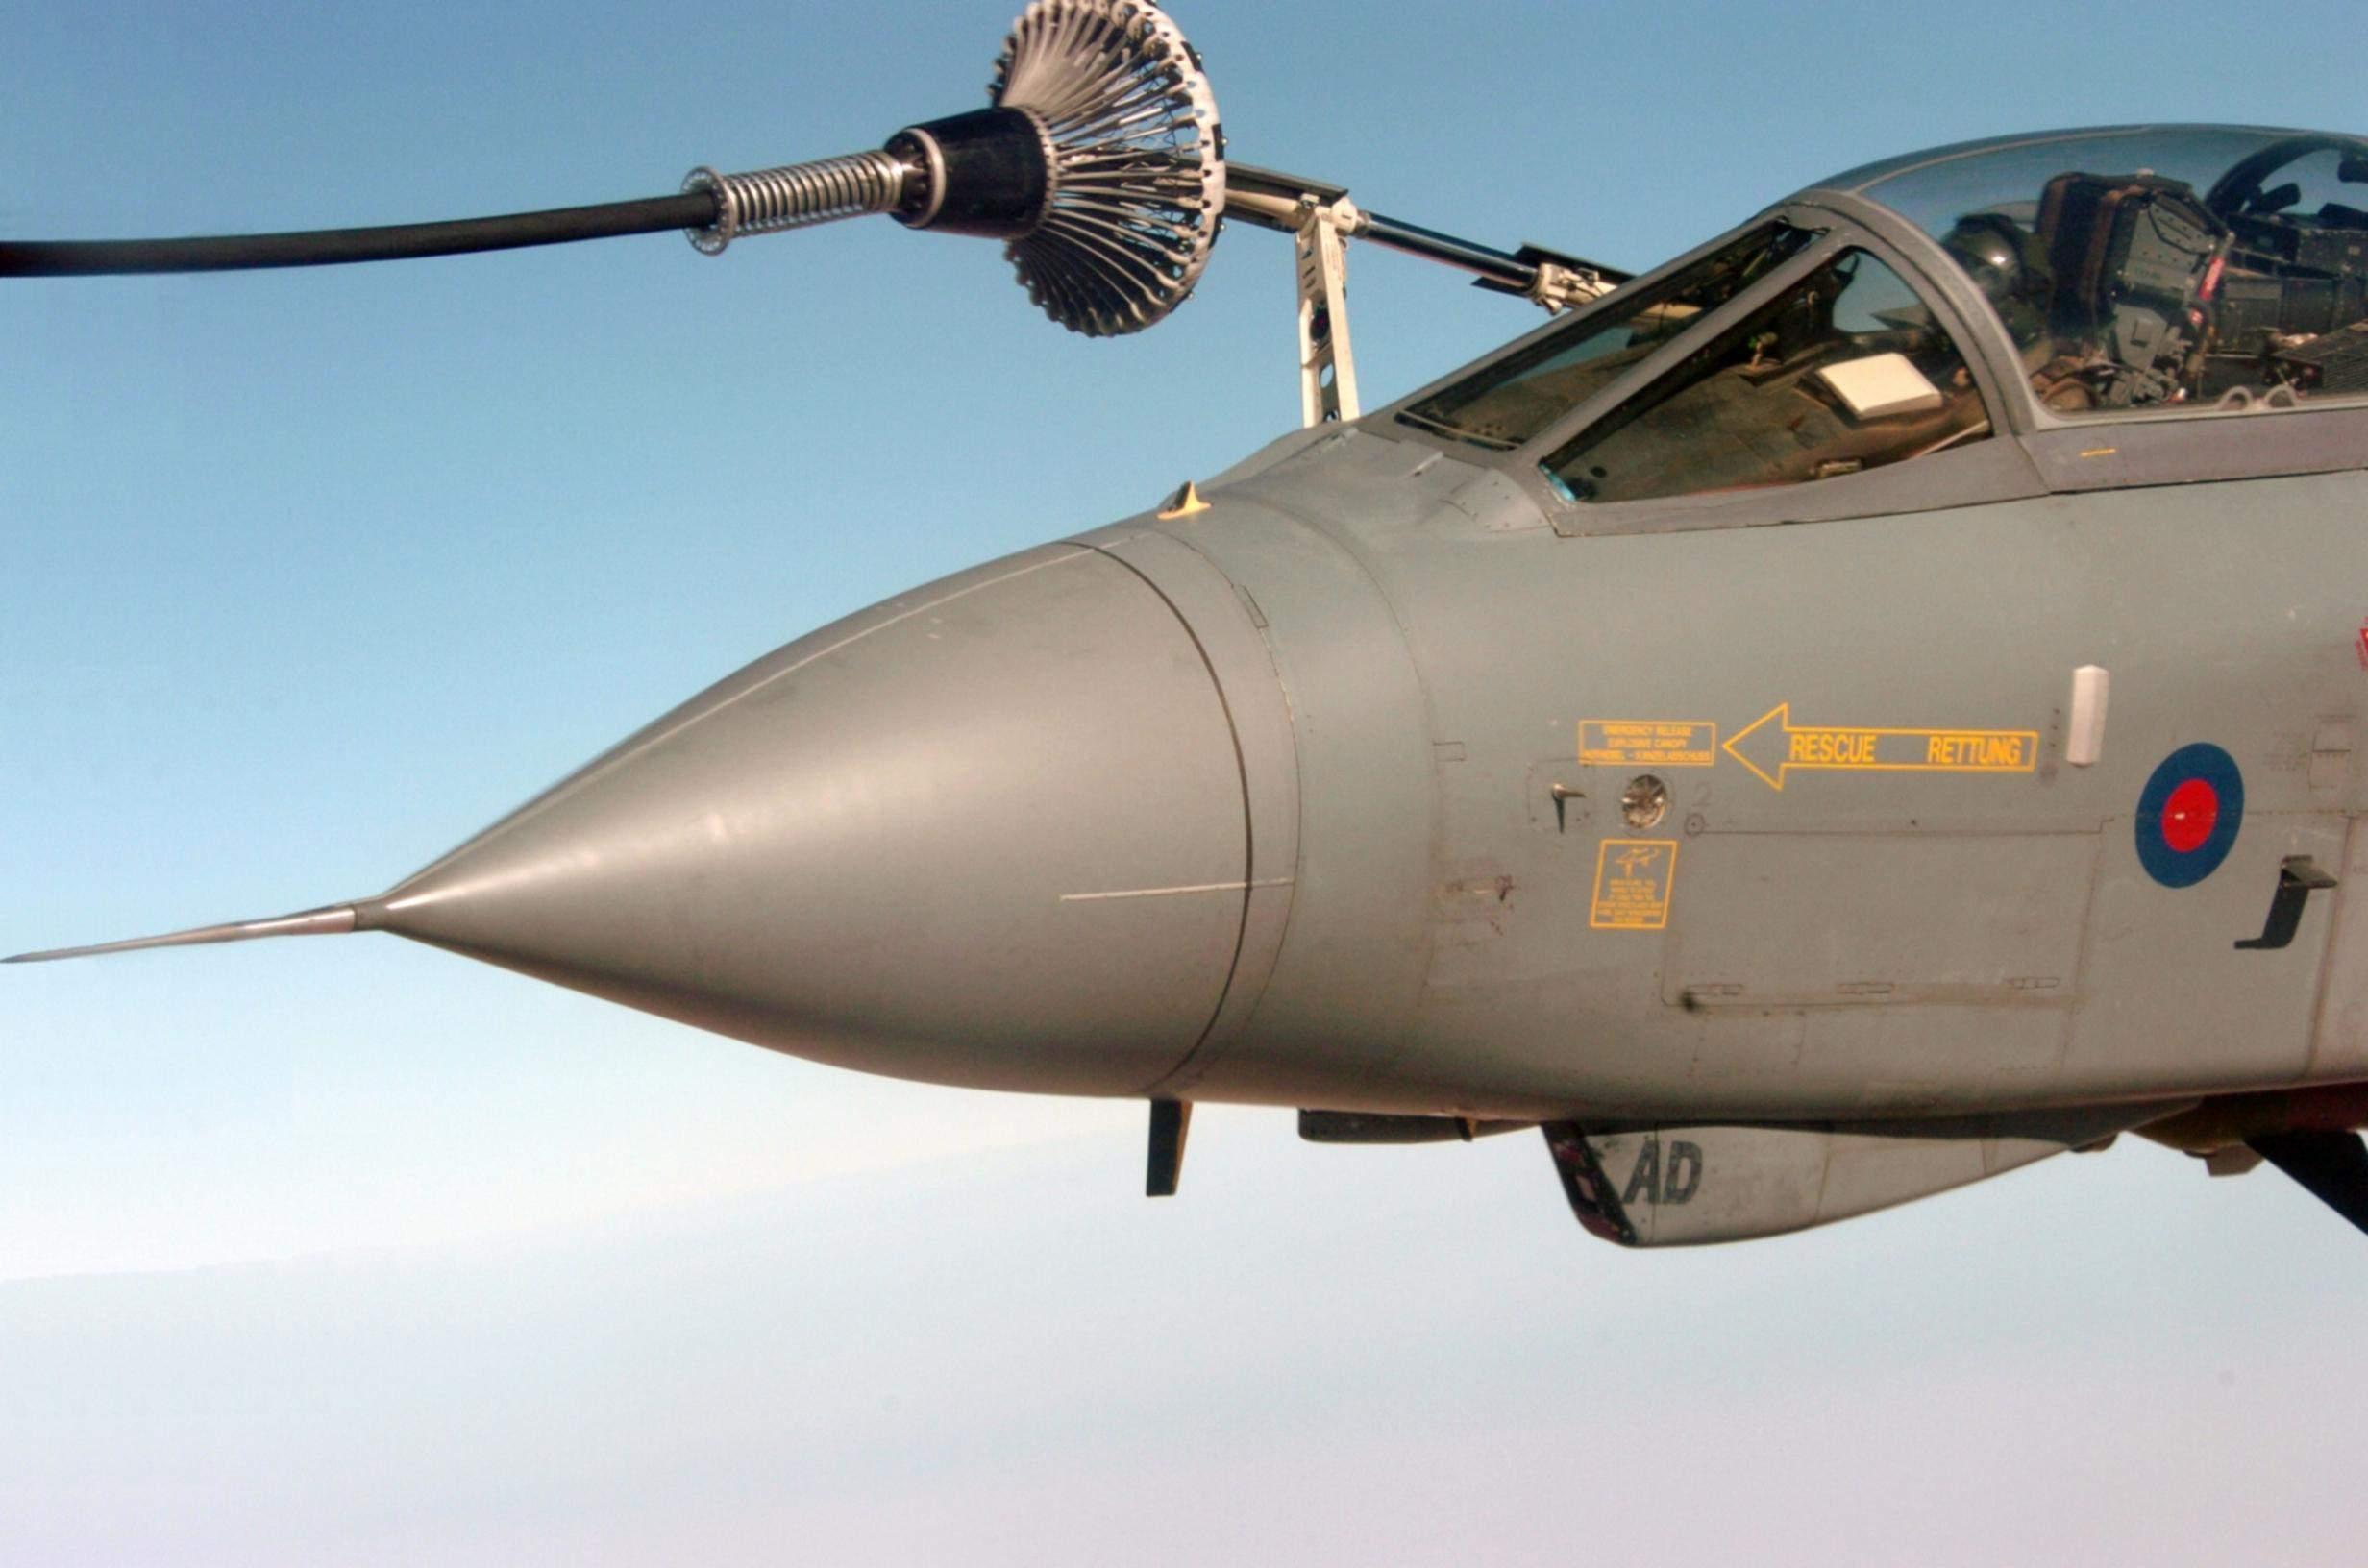 НАТО Навчання ВМС США Літаки